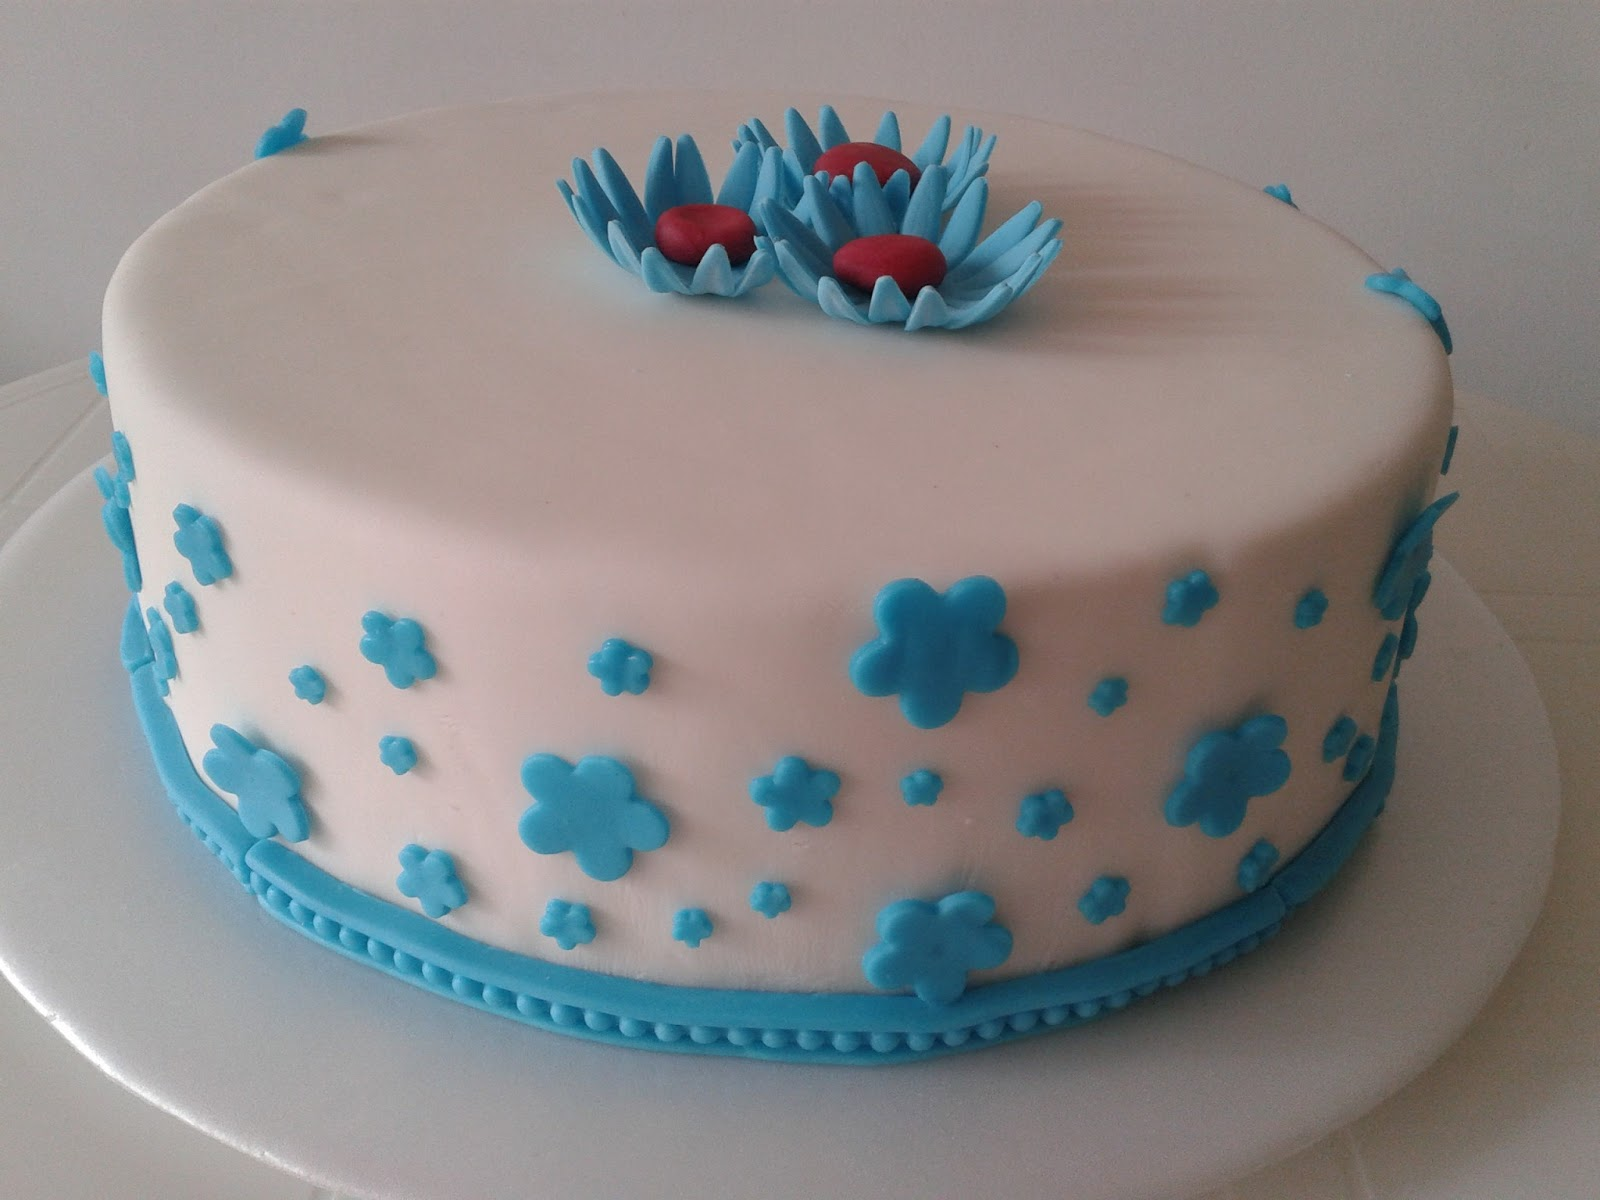 Dulces Experiencias Repostería: Tortas decoradas en fondant